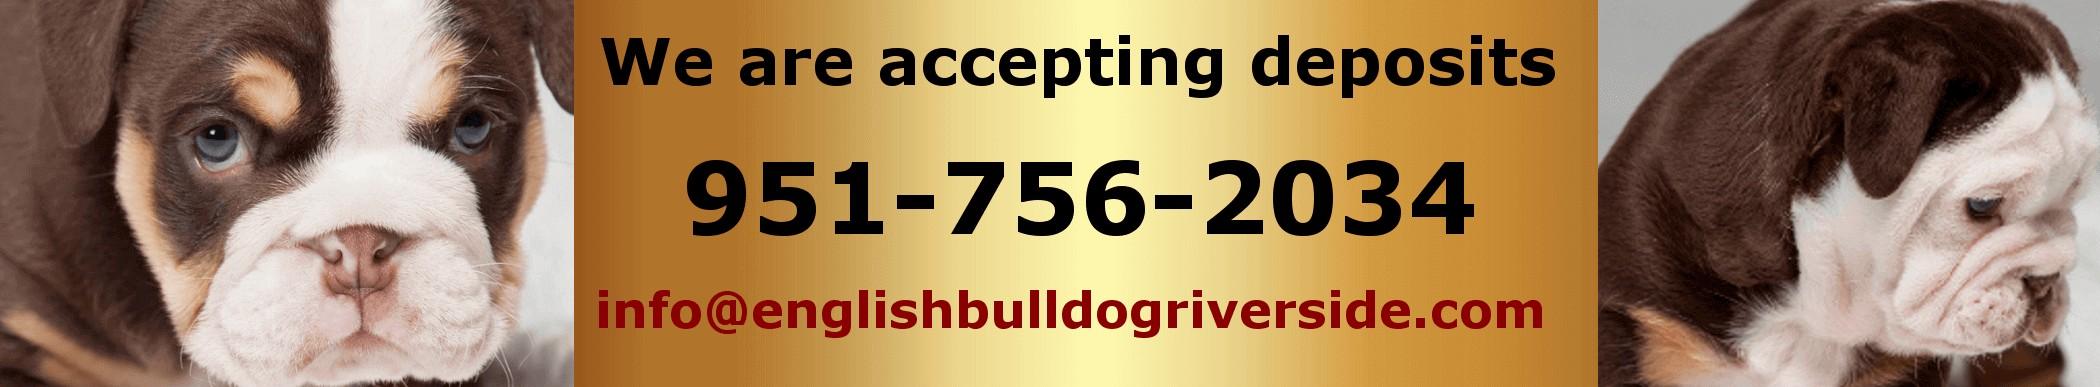 English Bulldog Riverside